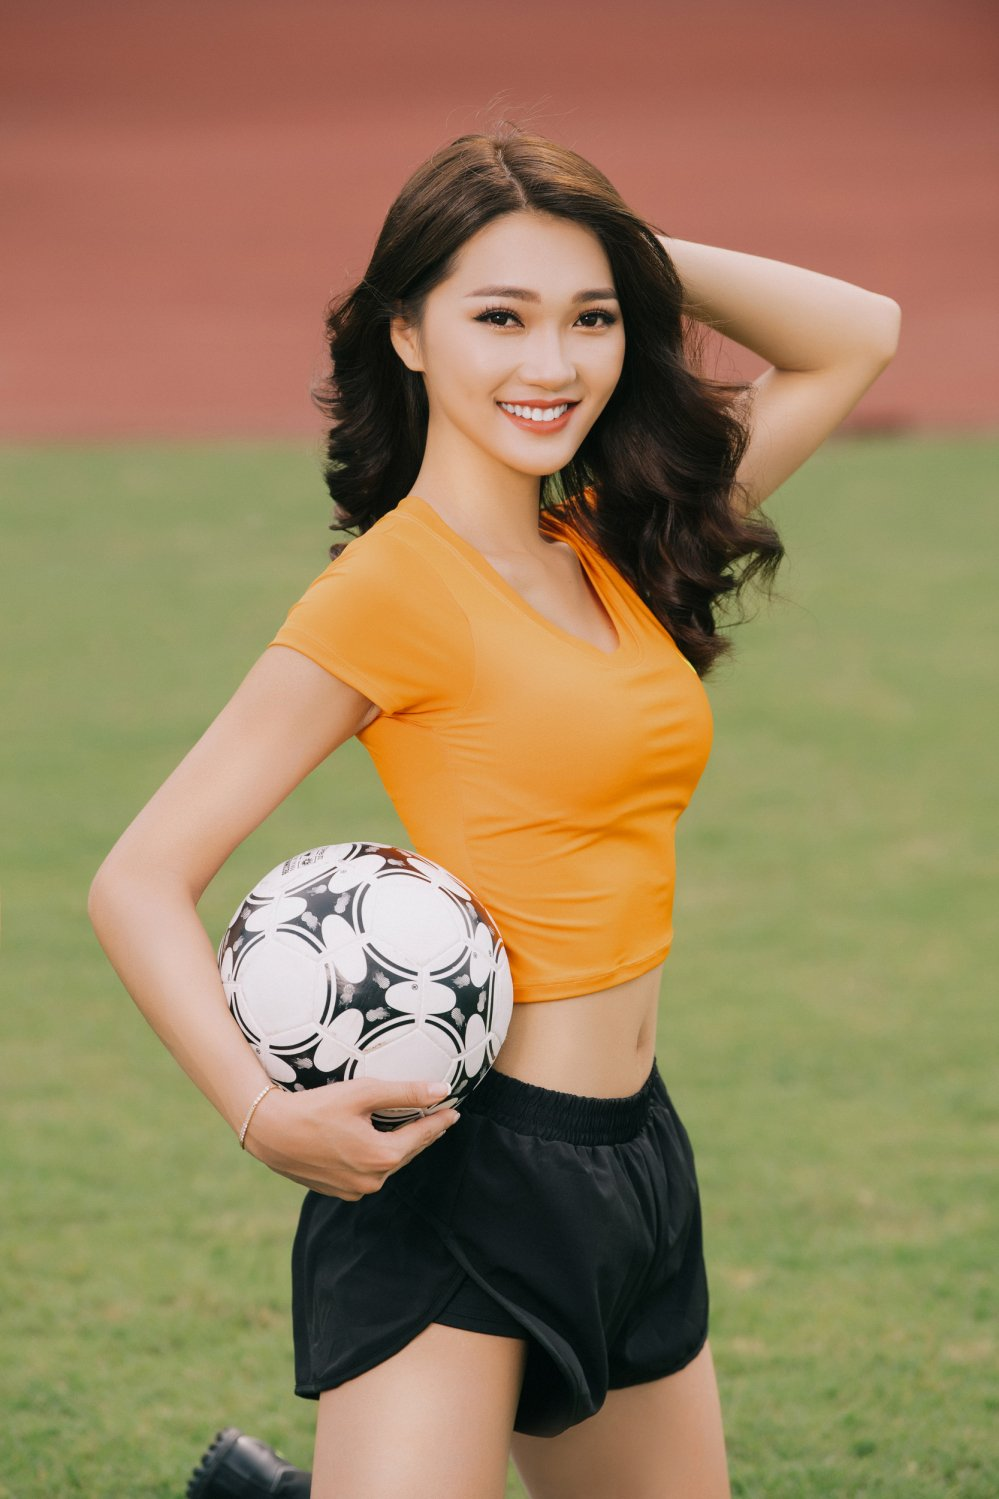 Top 10 Hoa hau Hoan vu Viet Nam dien ao dai co vu doi tuyen Anh hinh anh 5